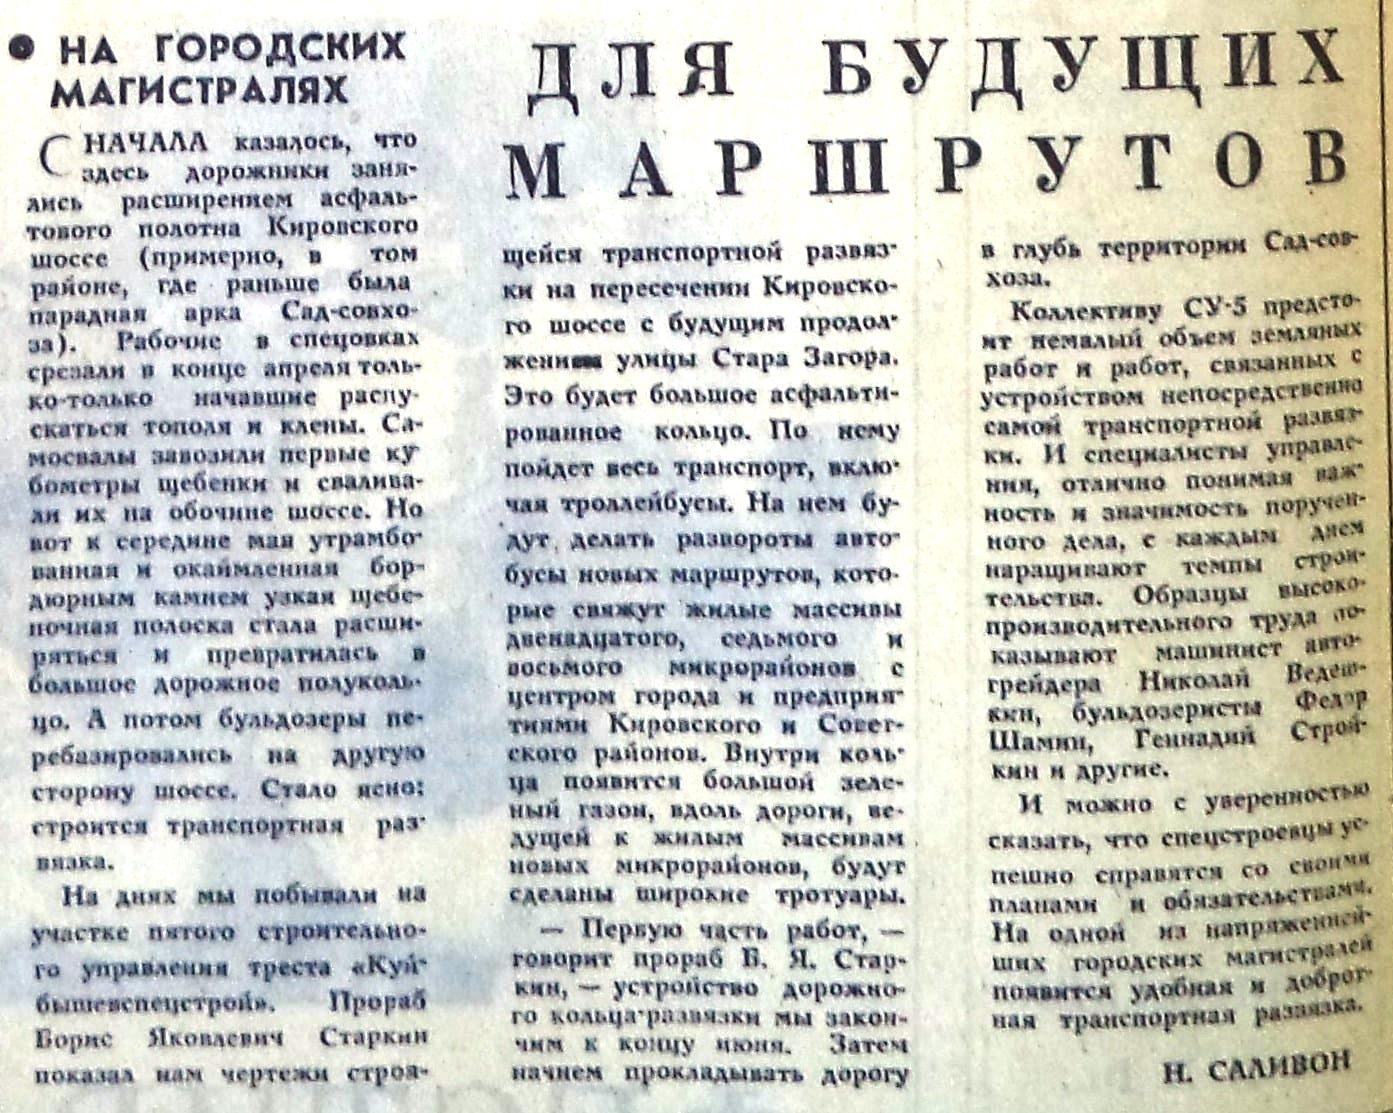 Стара Загора-ФОТО-052-ВЗя-1969-05-26-развязка по СЗ-min